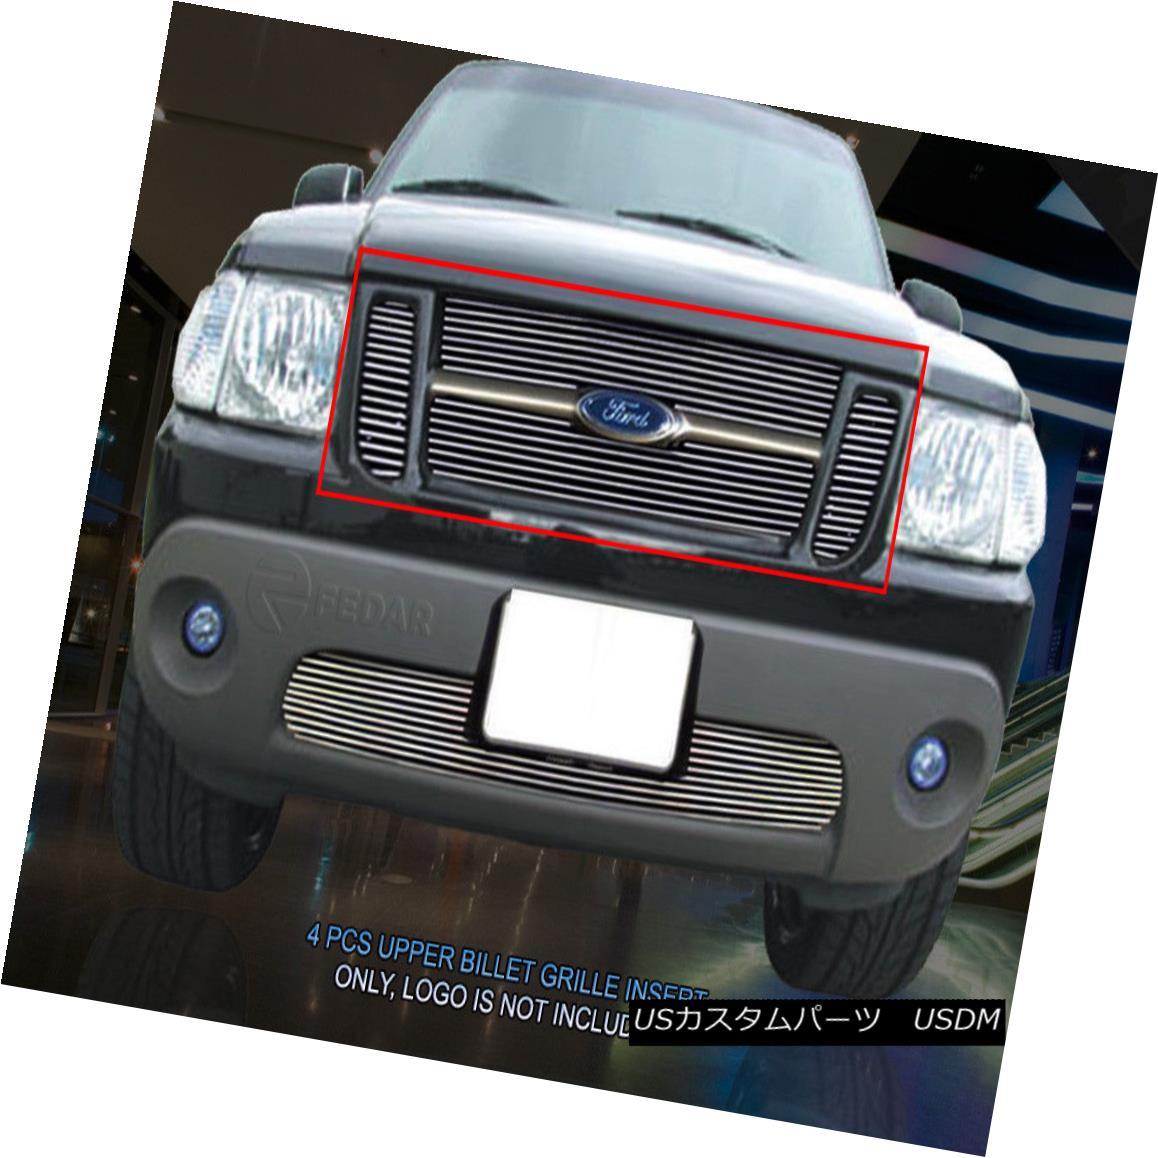 グリル 01-05 Ford Explorer Sport/Sport Trac Billet Upper Grille Grill Insert Fedar 01-05フォードエクスプローラースポーツ/スポーツTrac BilletアッパーグリルグリルインサートFedar